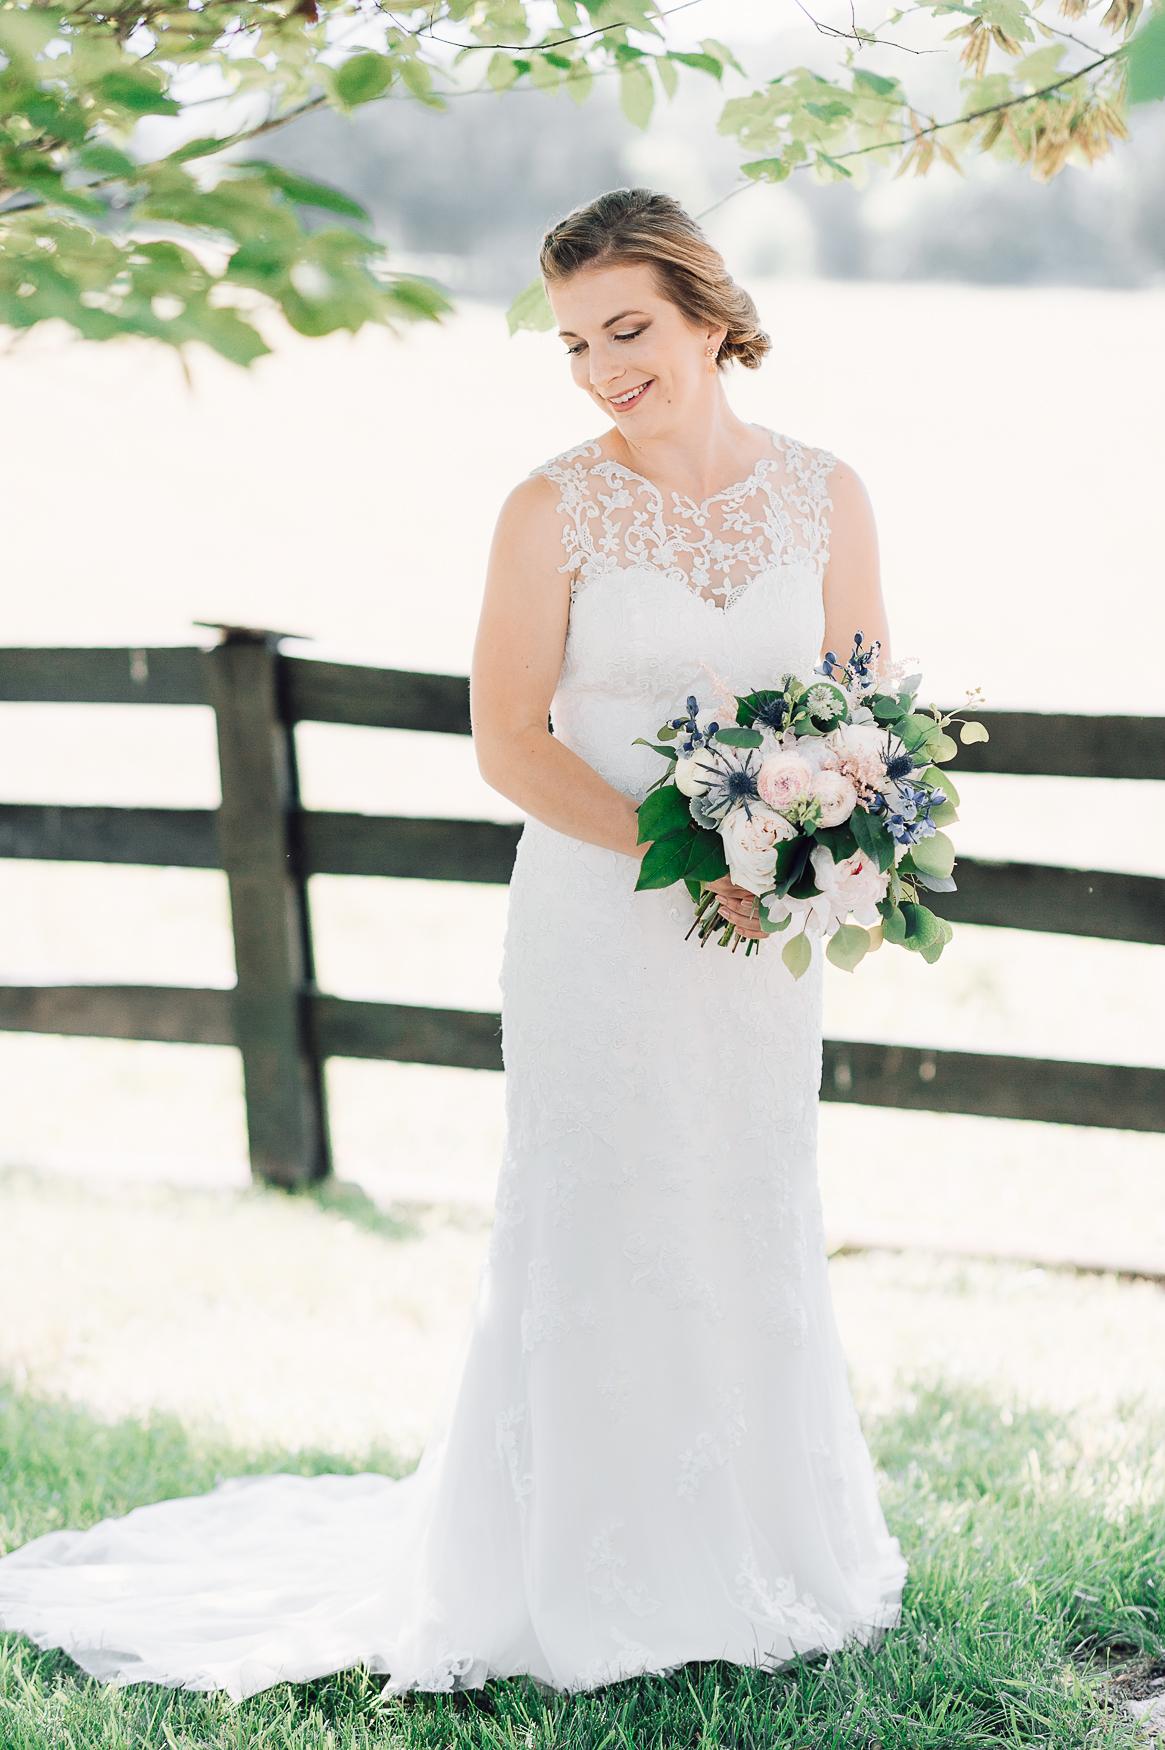 charlottesvillewedding_backyardwedding_virginia_youseephotography_CaitlinDerek (2).jpg